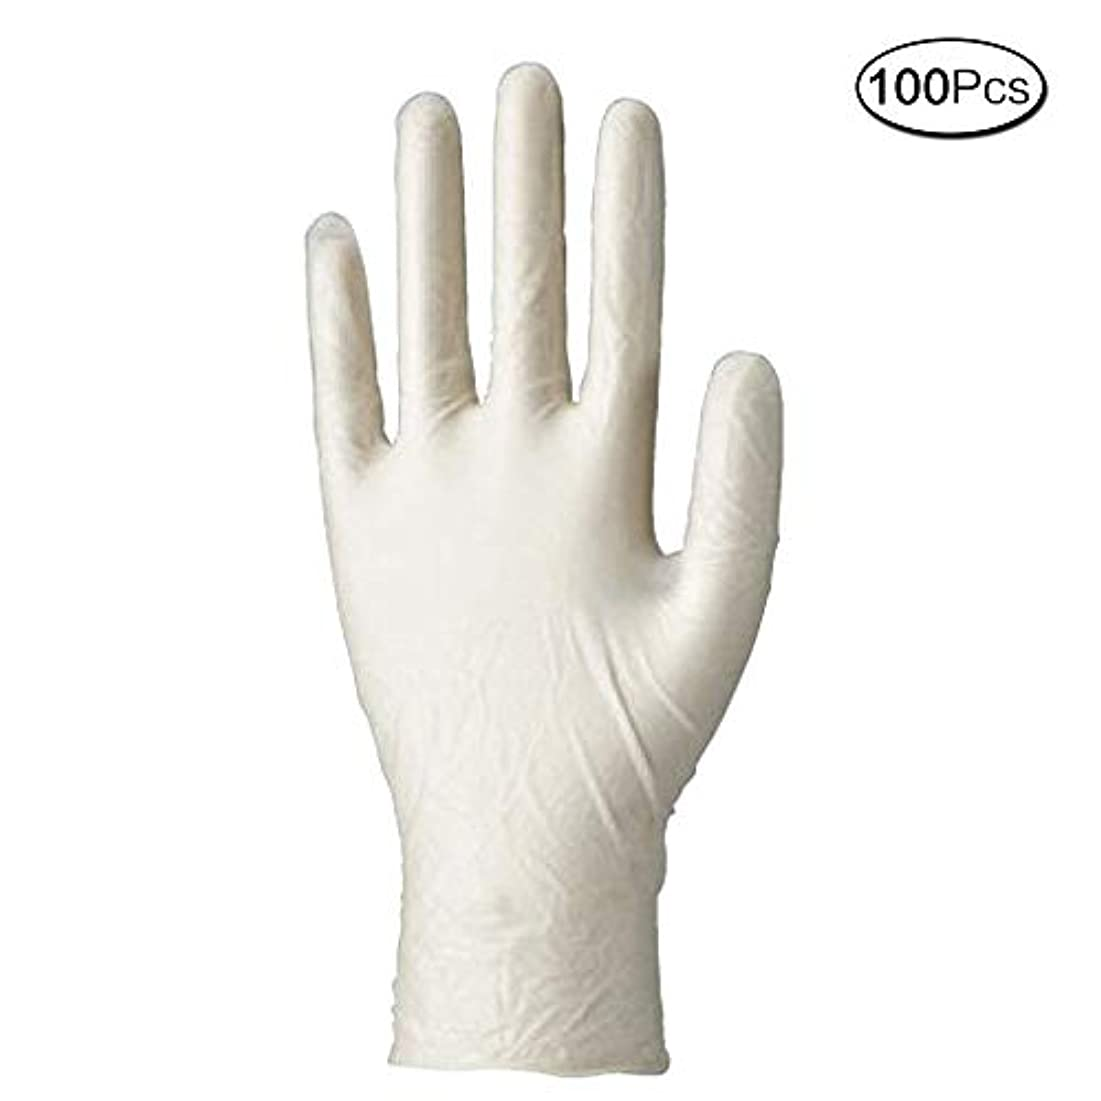 マーチャンダイジング音楽どこでも使い捨て手袋 マイスコPVCグローブ 粉なし (サイズ:M)100枚入り 病院採用商品